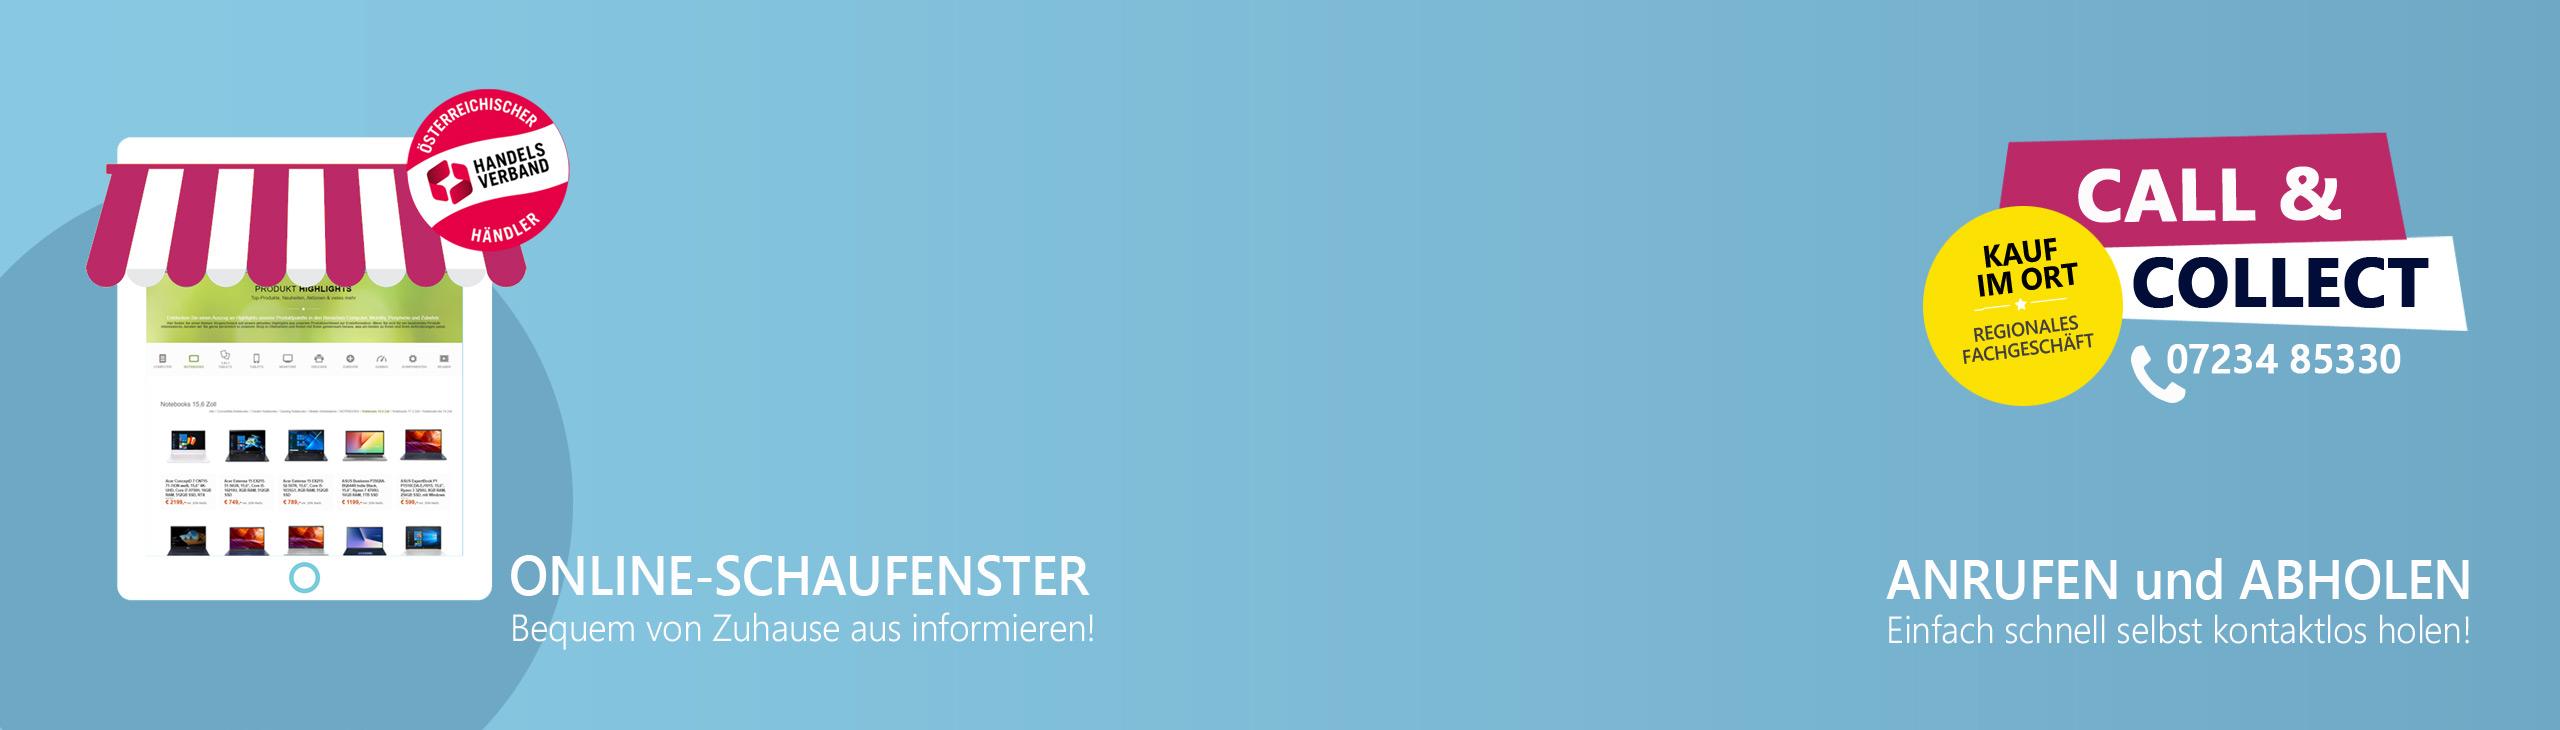 Banner online schaufenster 2021